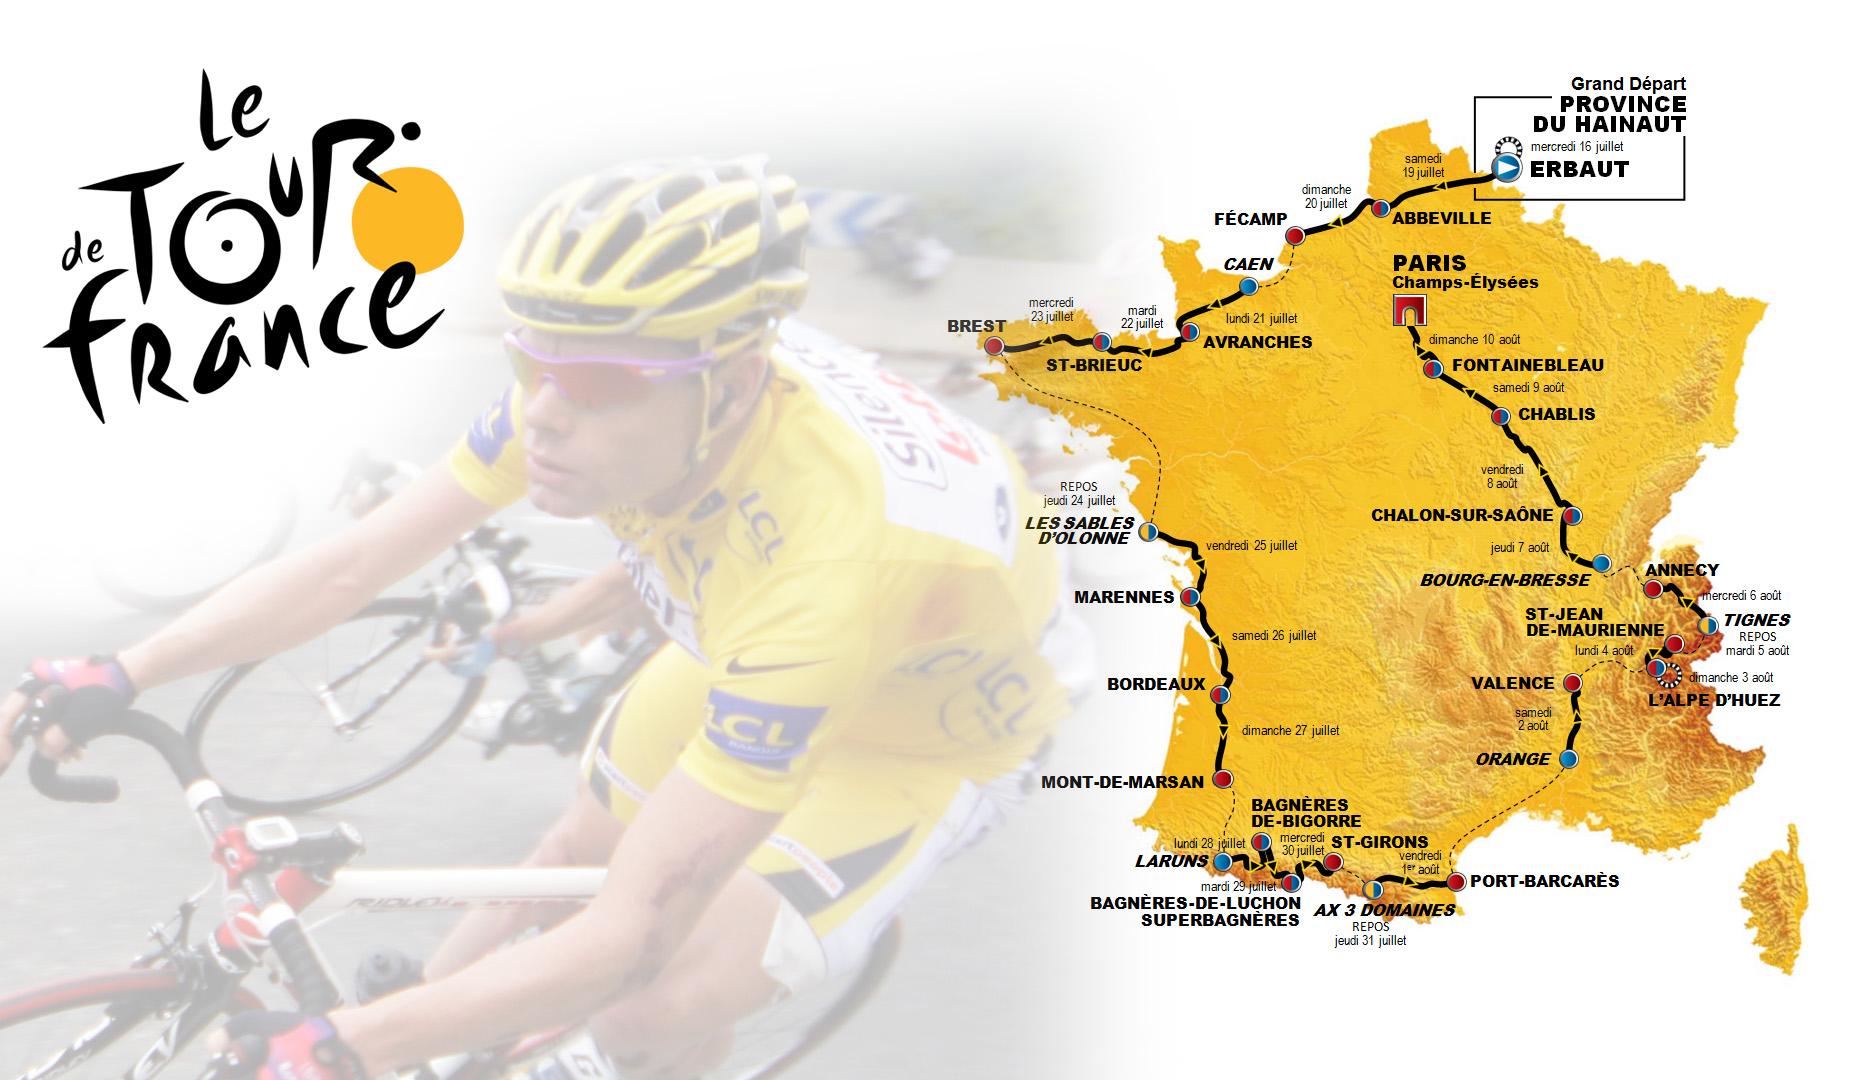 Tour de France 2014 Map Background wallpaper Tour de France 2014 Map 1849x1080